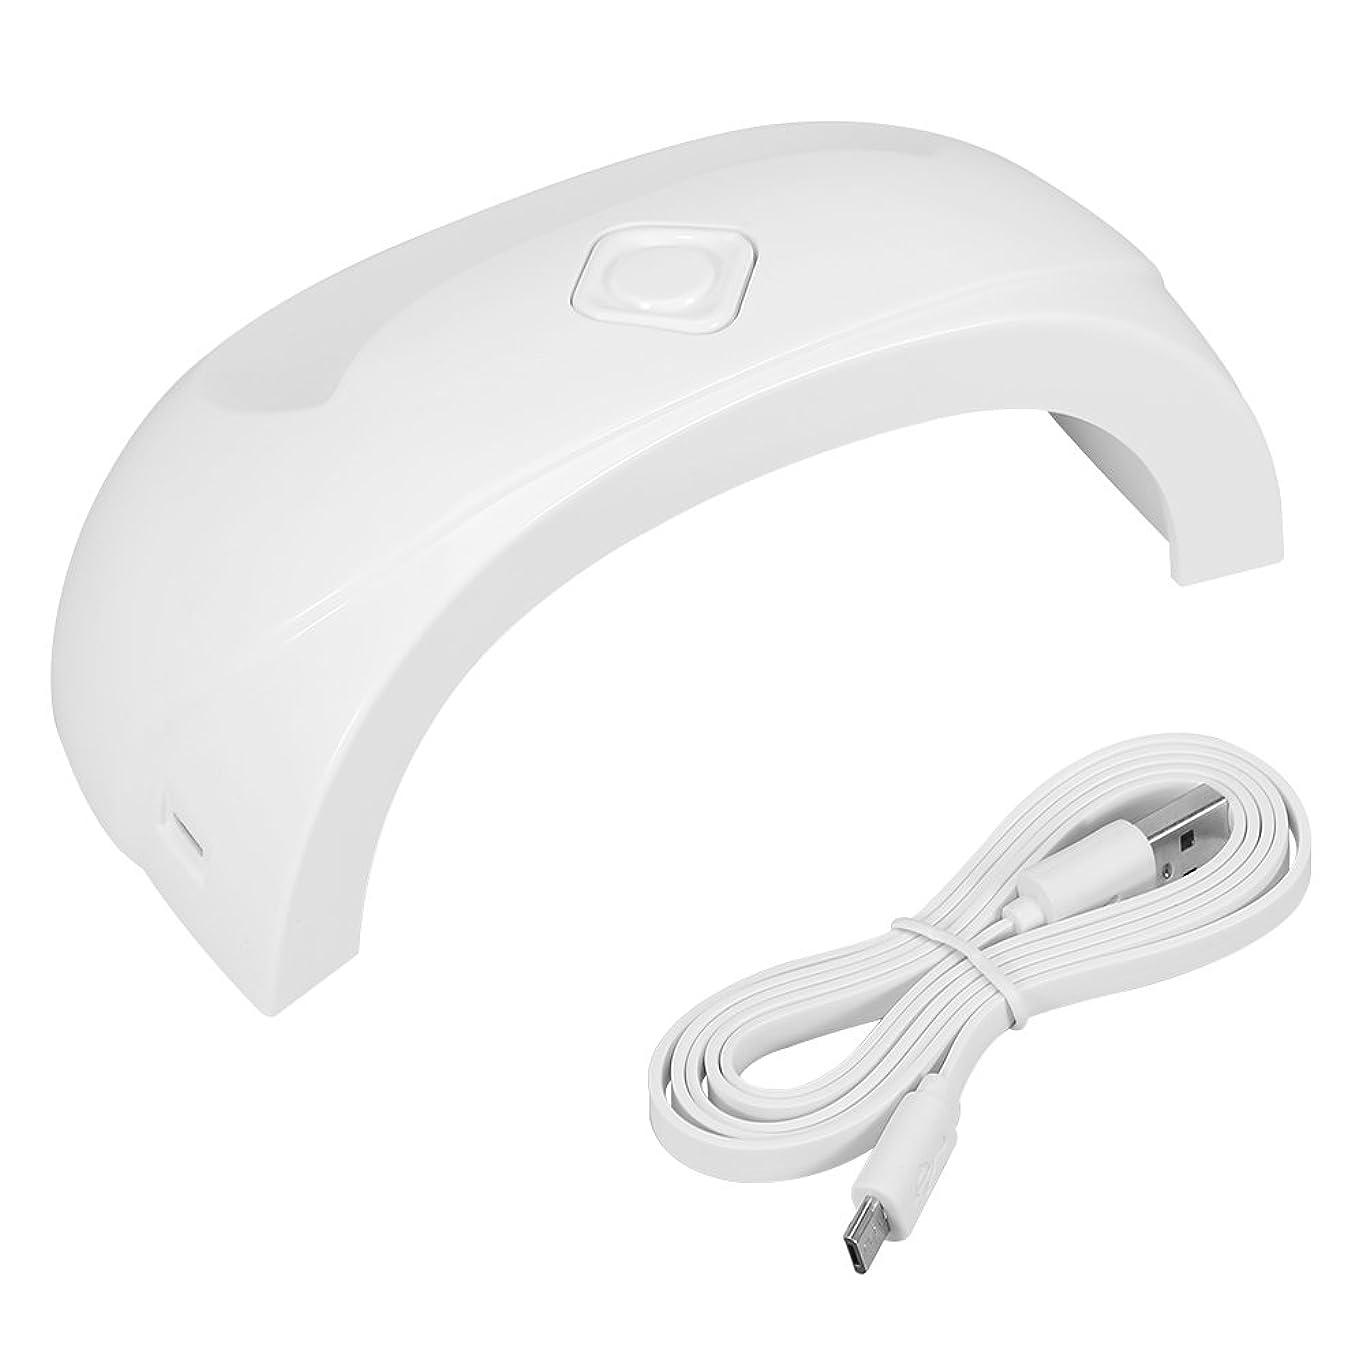 離れて情緒的バックアップUVライト 18W UVLED ネイルライト高速硬化ジェルネイルライト赤外線検知 自動センサー 三つLEDライト付き ホワイト